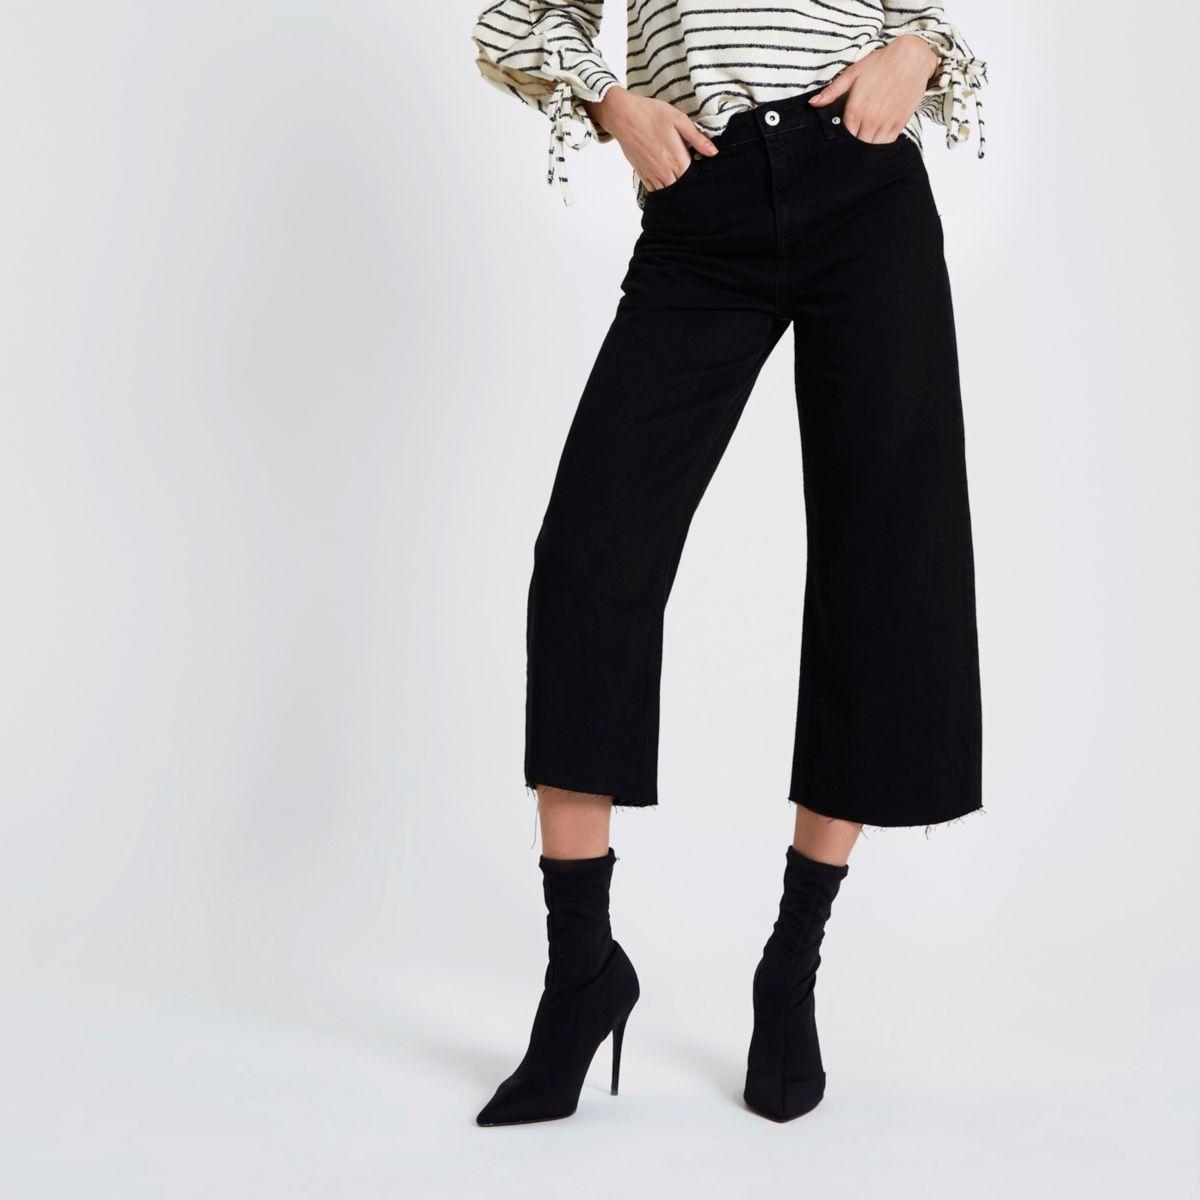 Alexa - Zwarte cropped jeans met wijde pijpen